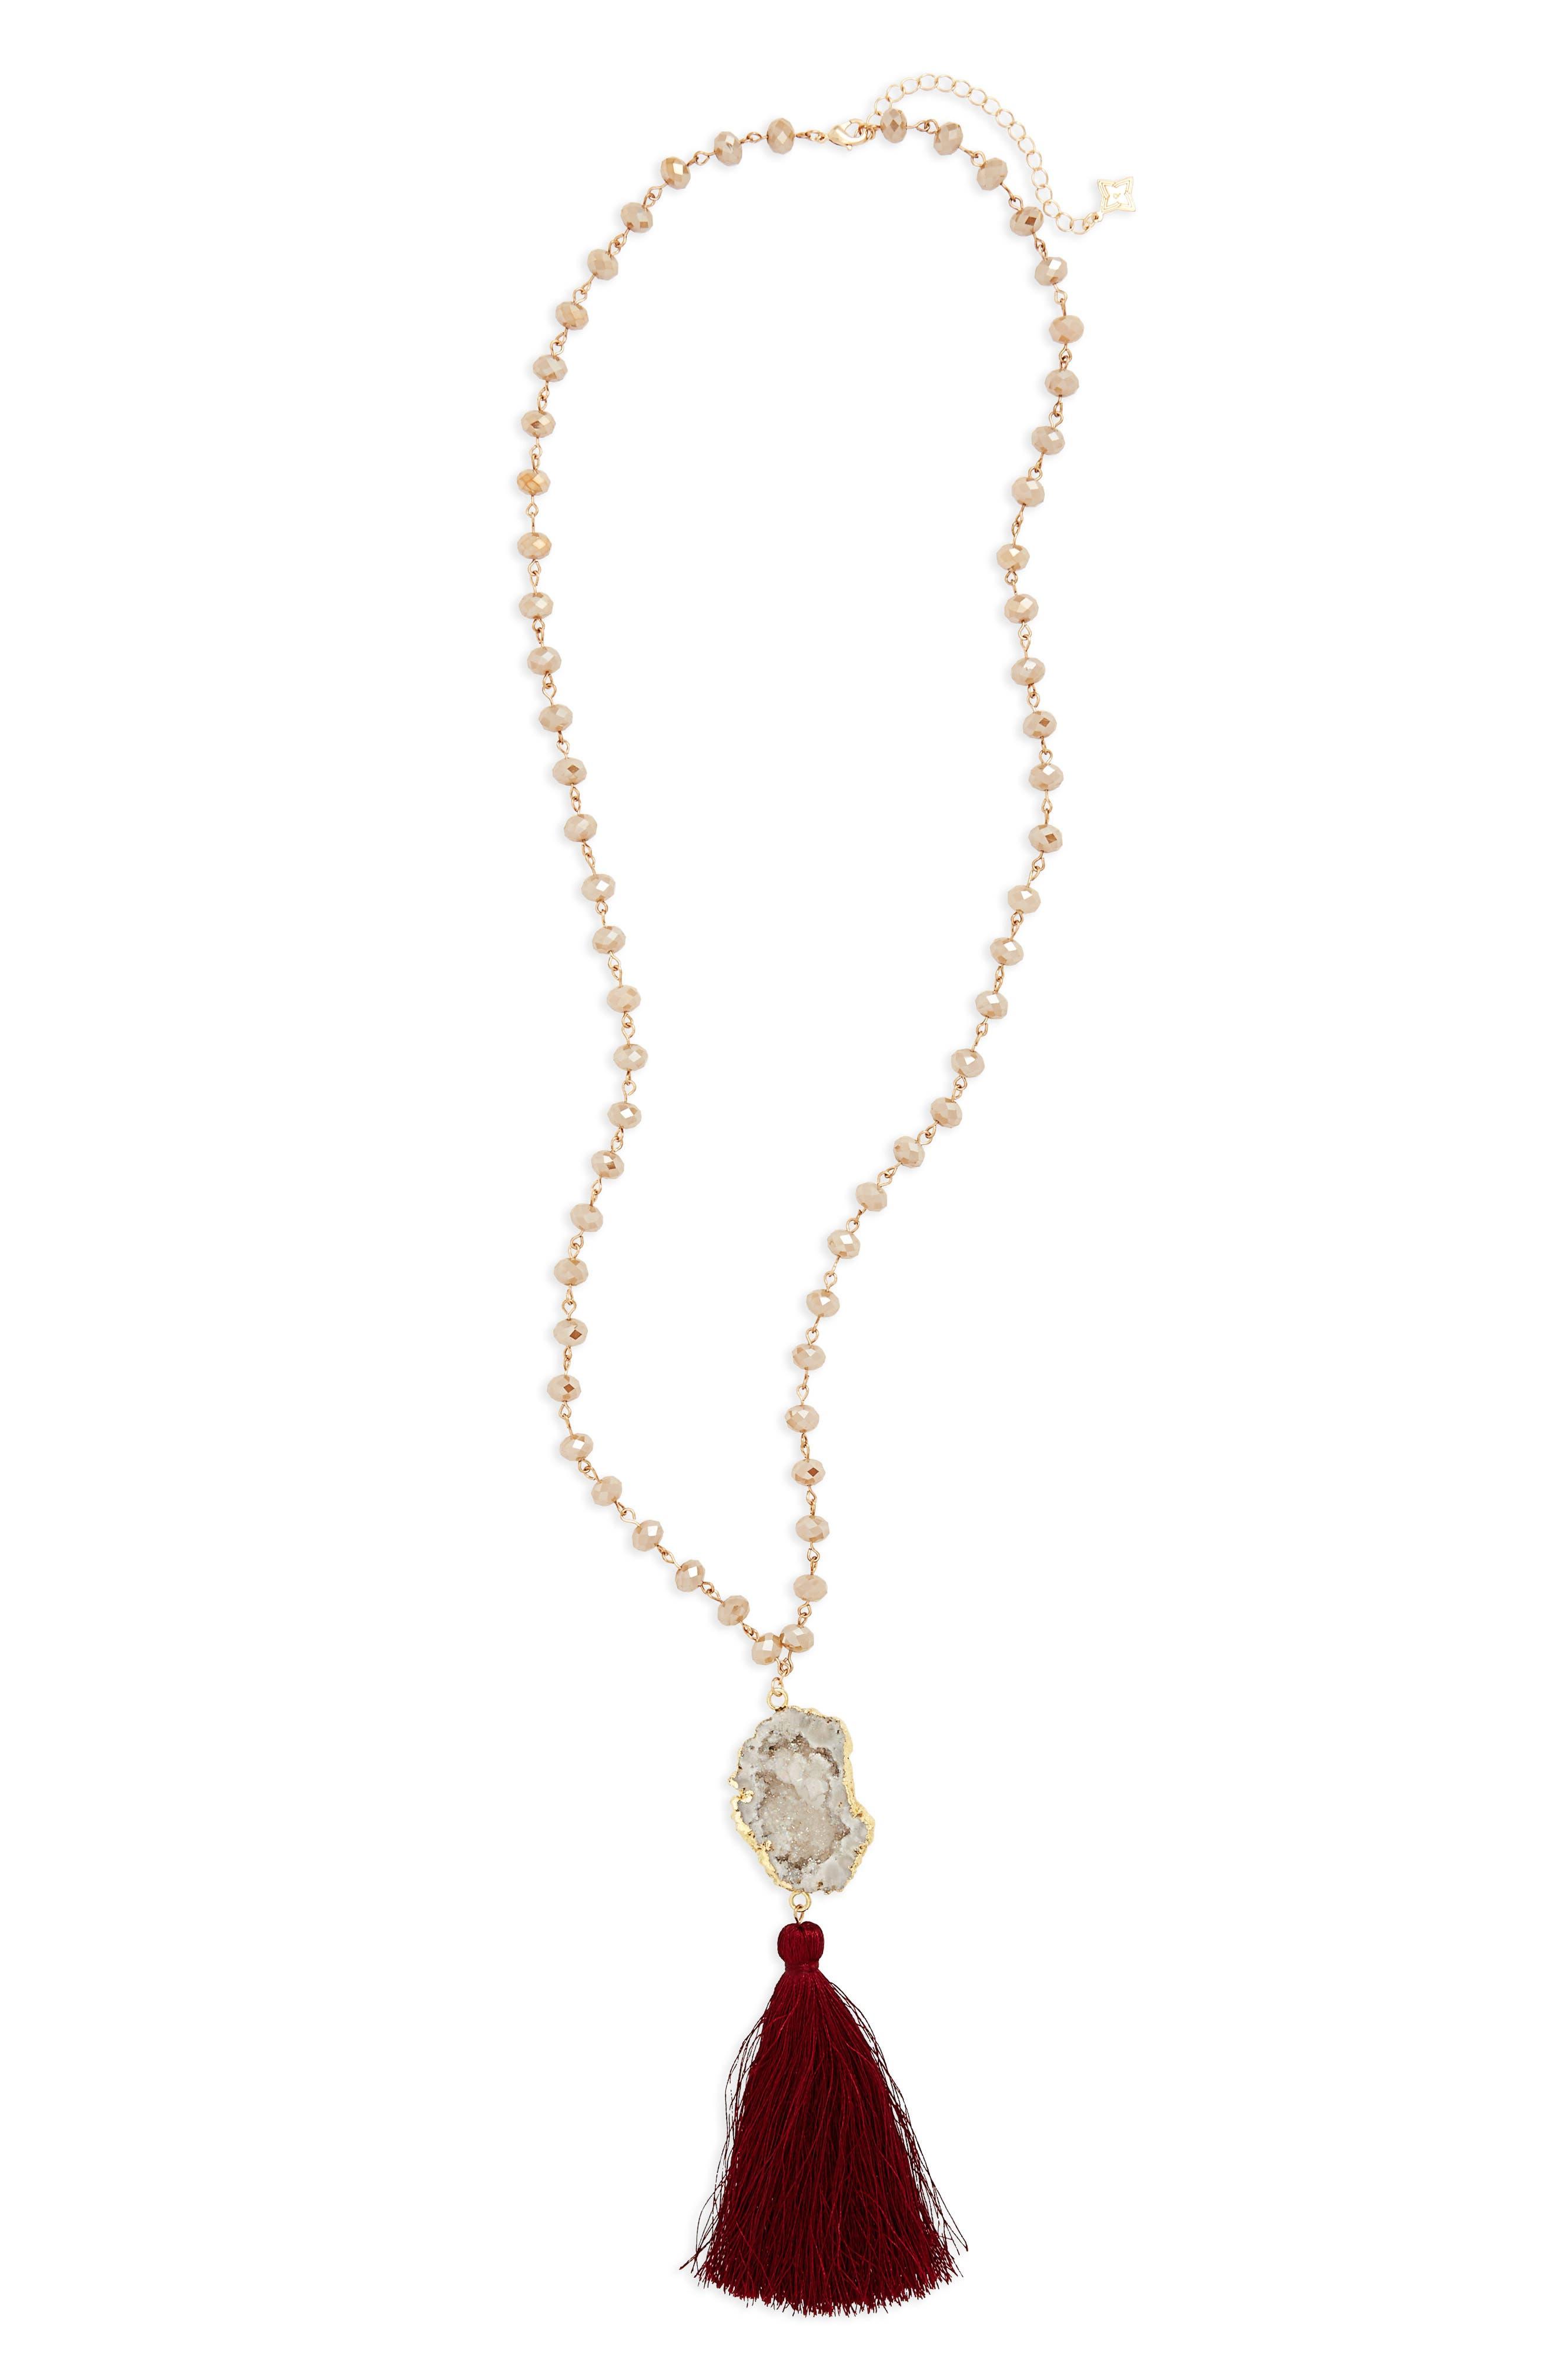 Quartz Pendant Necklace,                             Main thumbnail 1, color,                             930